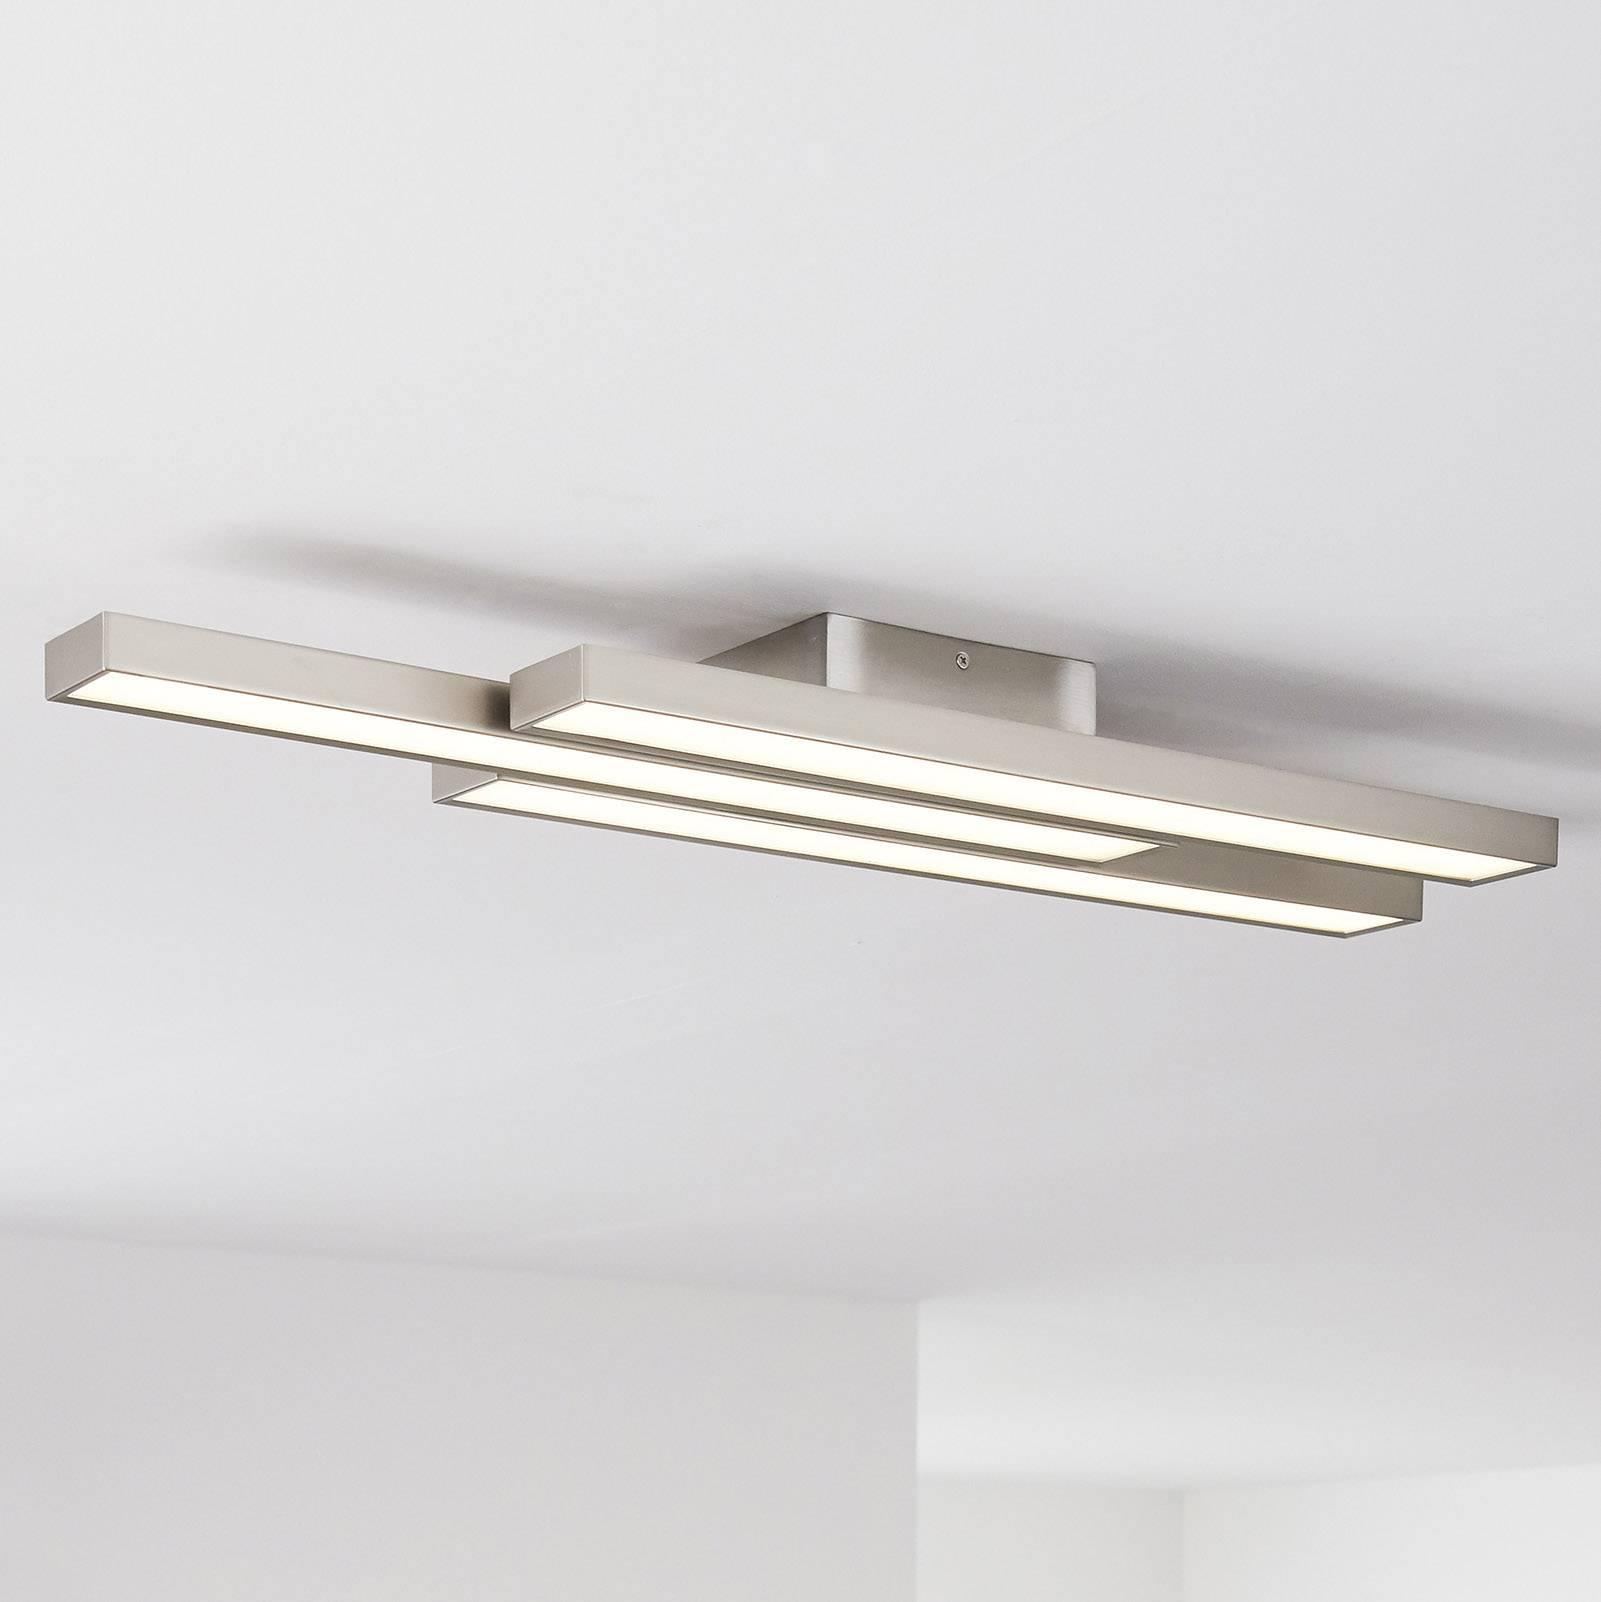 LED stropní a nástěnné svítidlo Brilliant WiZ Sword, pevně vestavěné LED, 42 W, RGBW